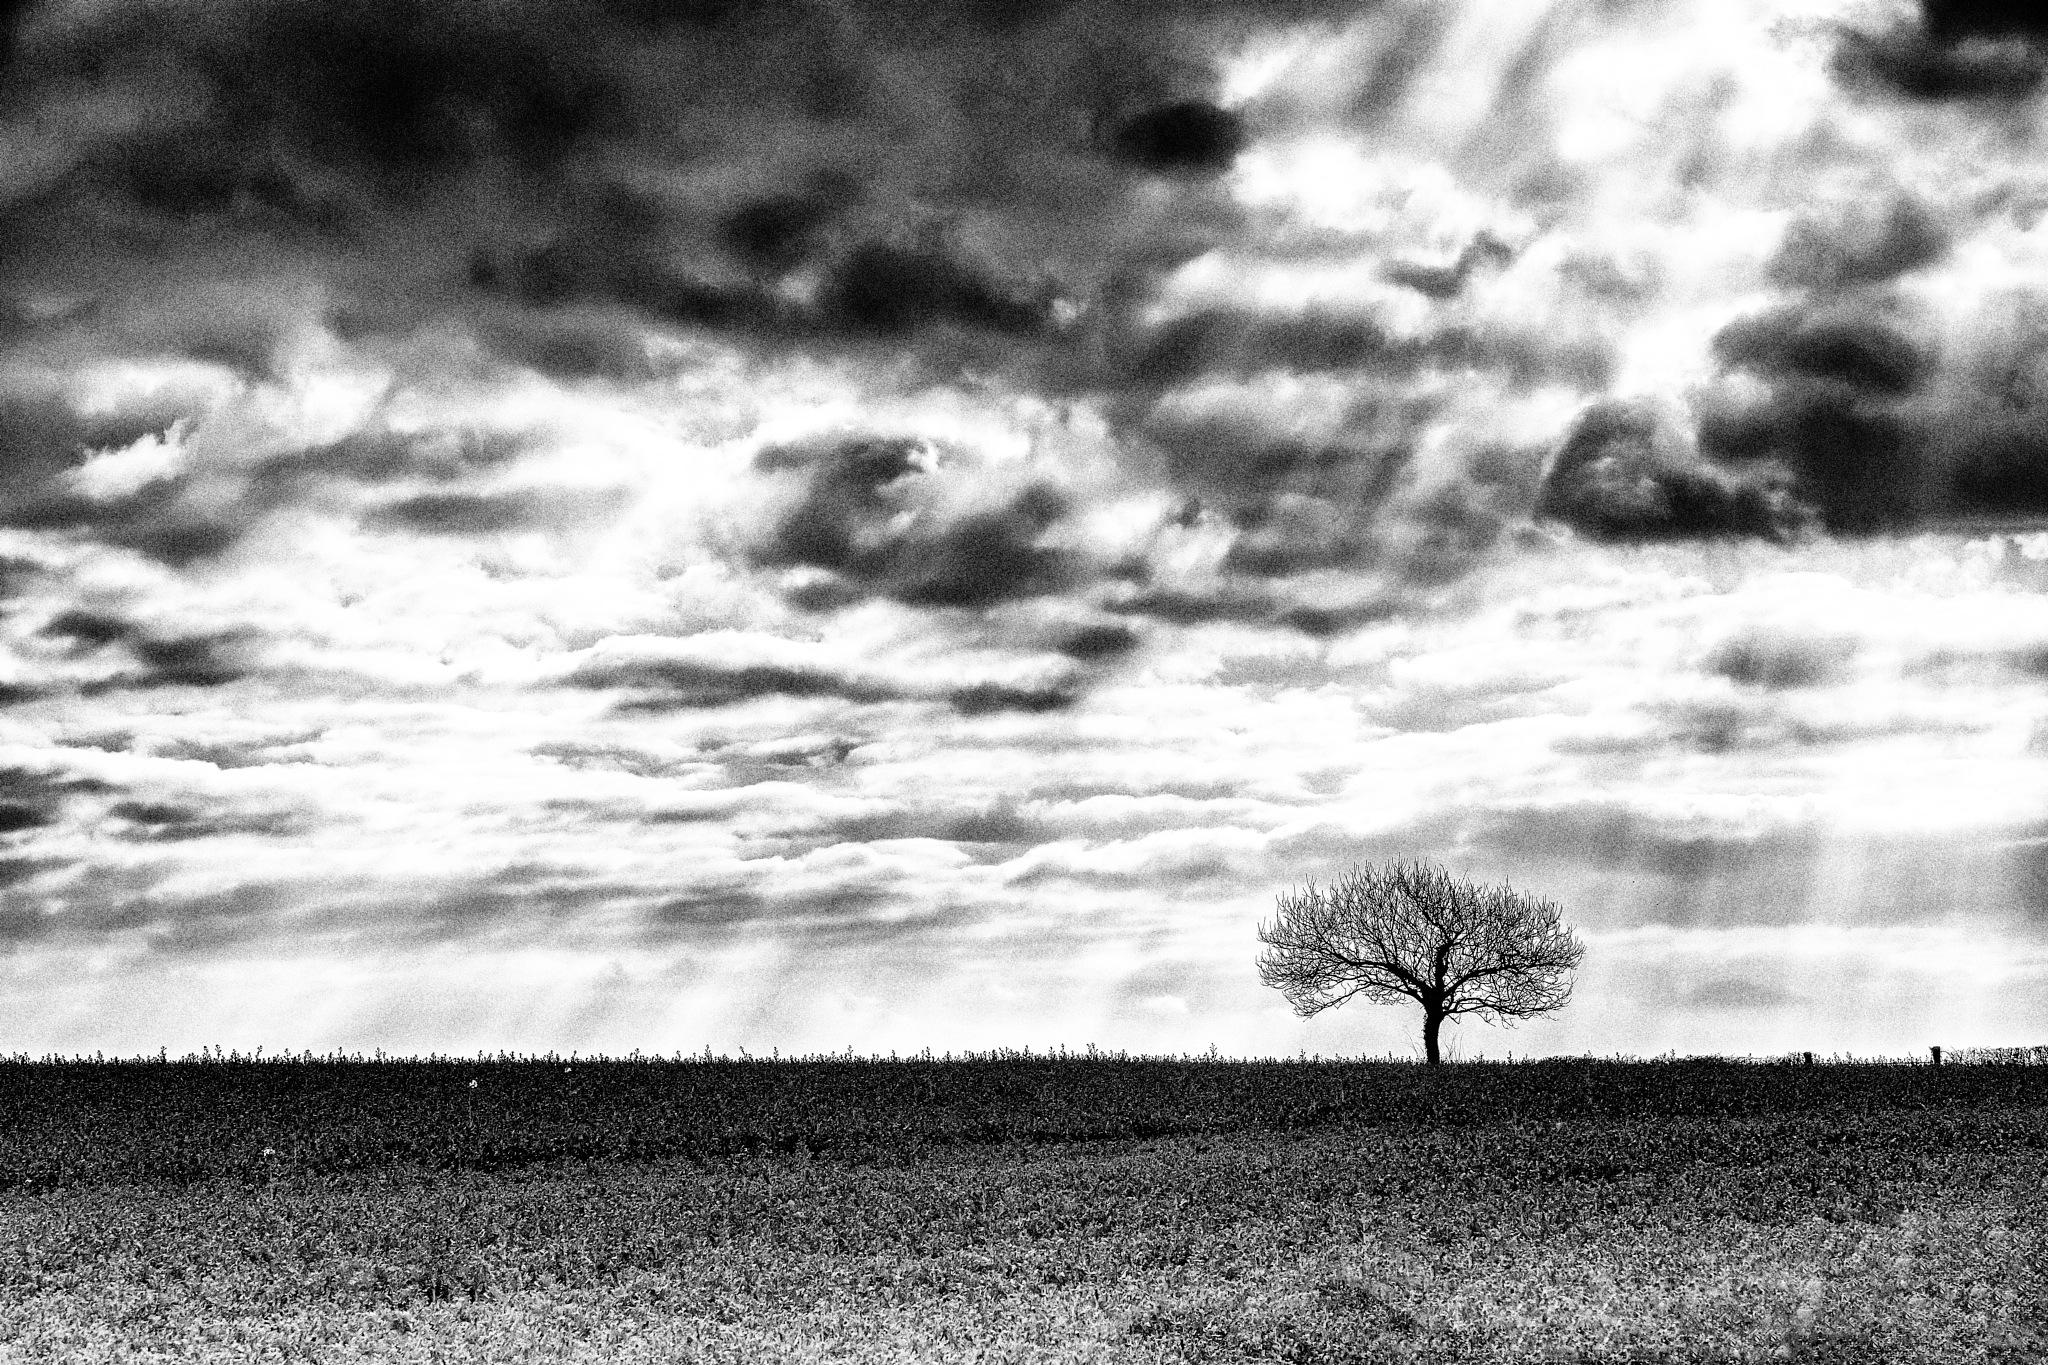 The Lonely Tree by Steve Deakin